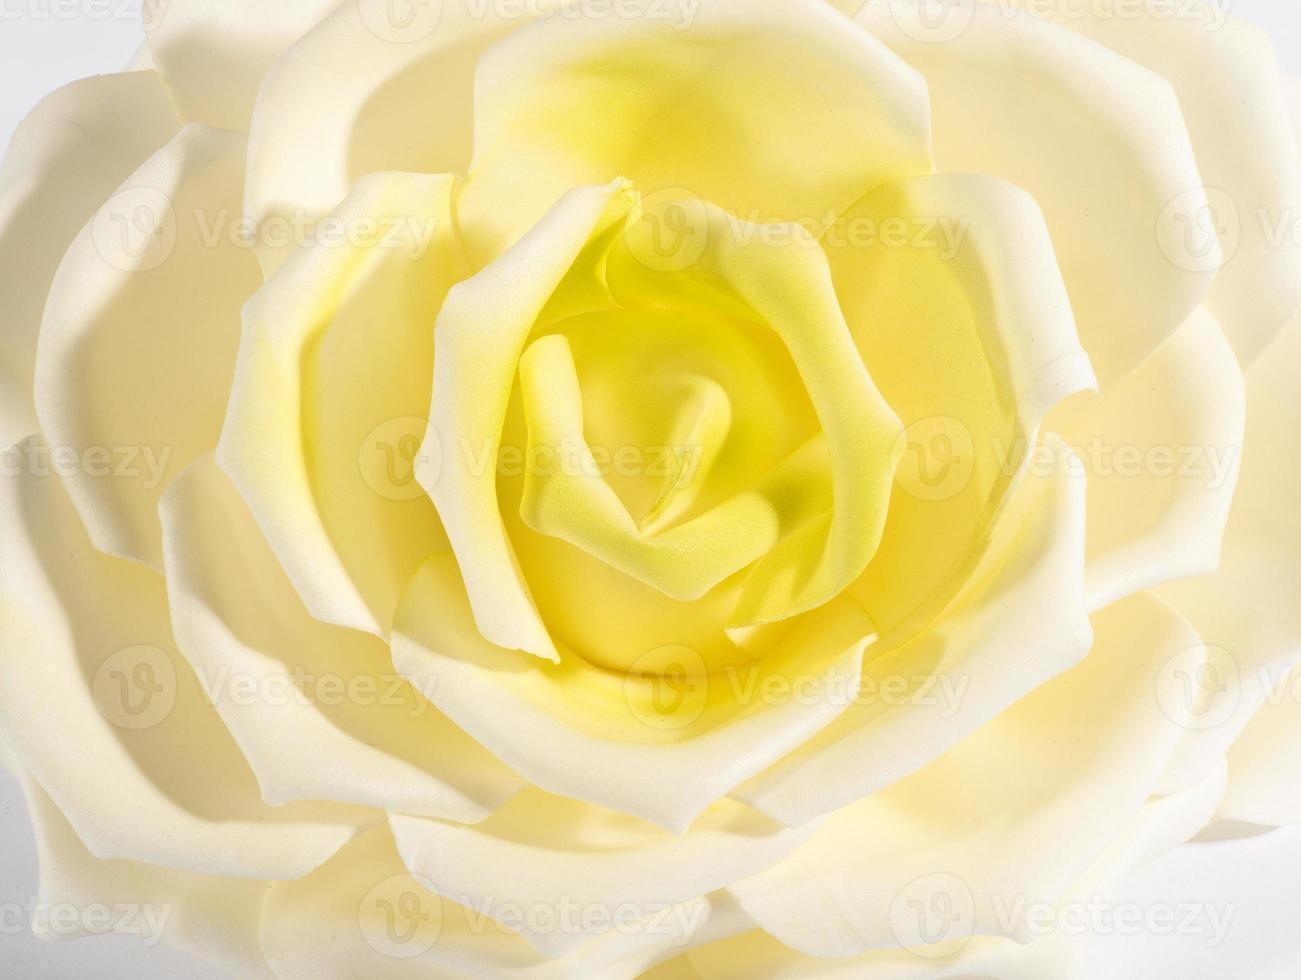 Cerrar detalle de una rosa blanca y amarilla foto